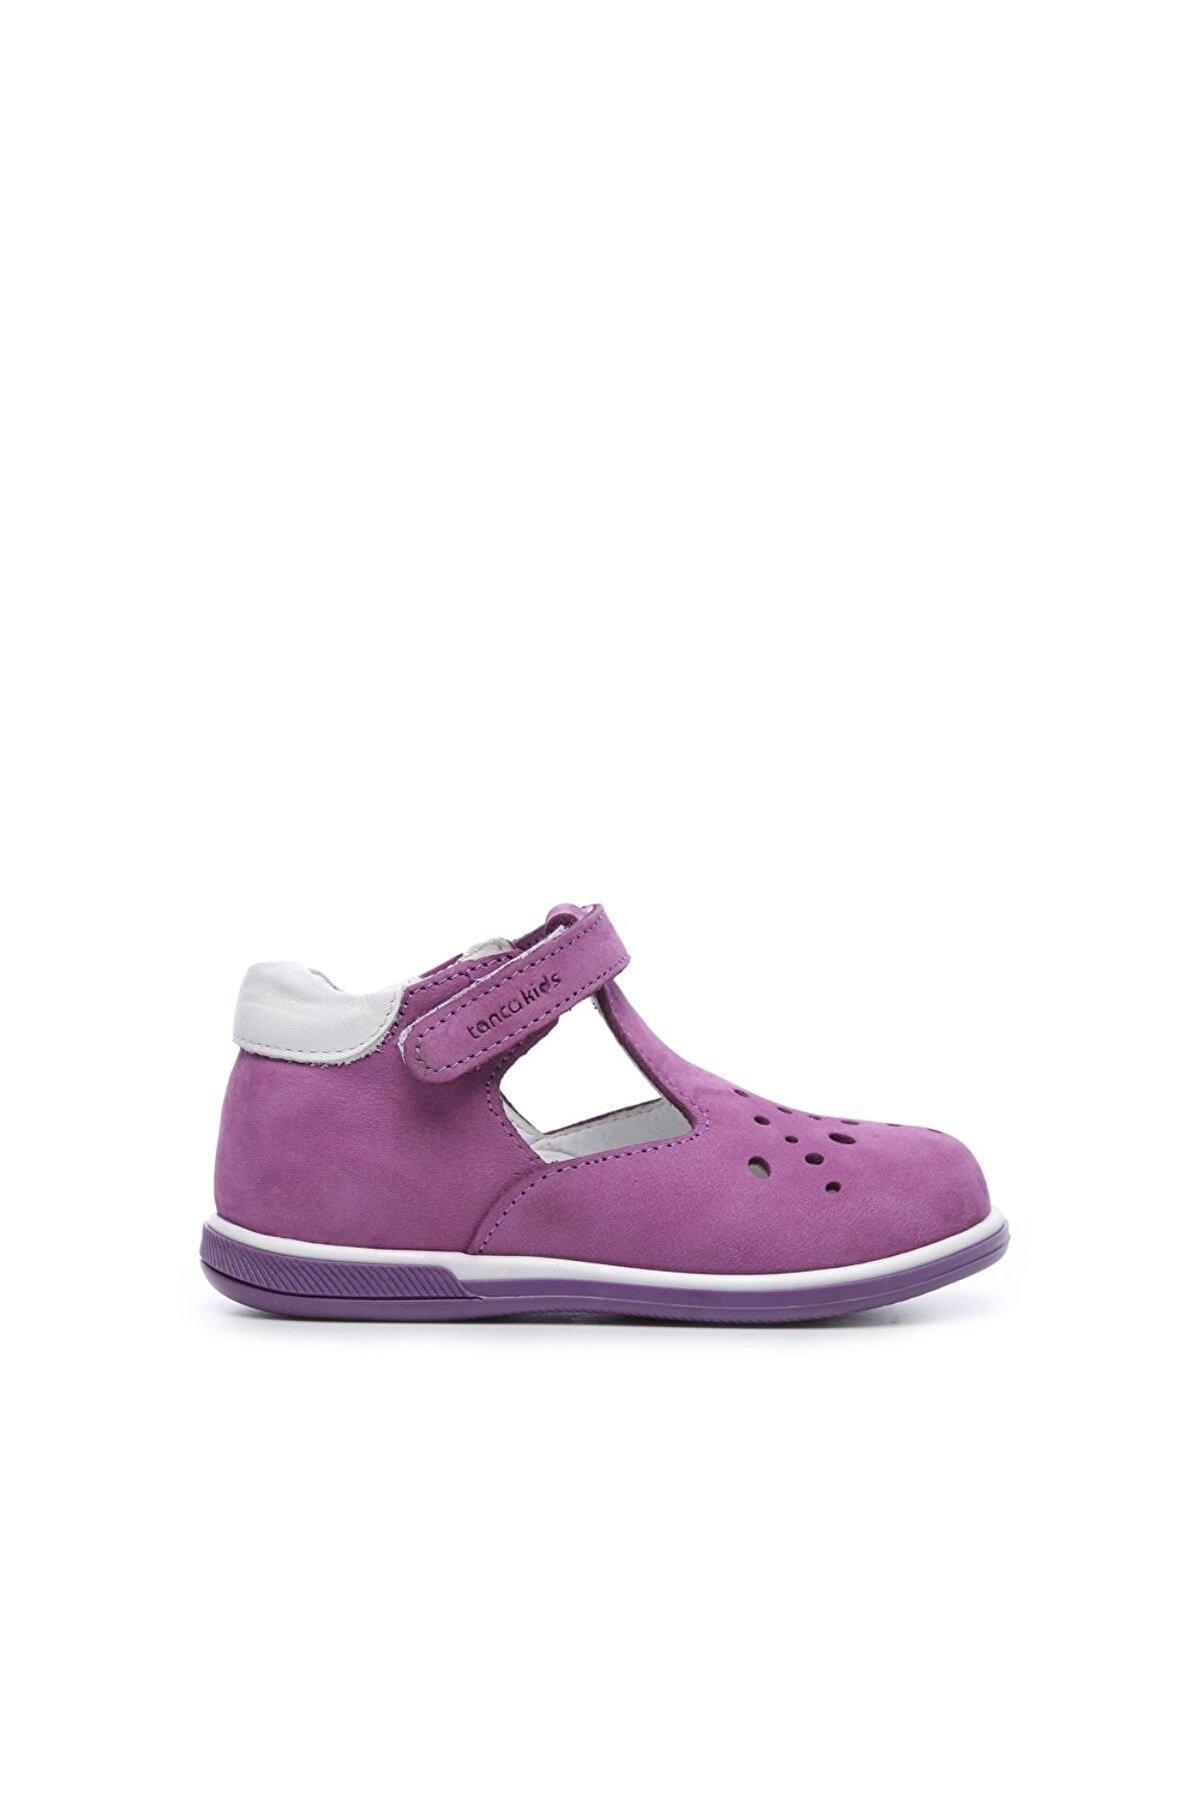 Kemal Tanca Kız Çocuk Mor Hakiki Deri Ayakkabı 659 183 CCK 19-25 Y 19